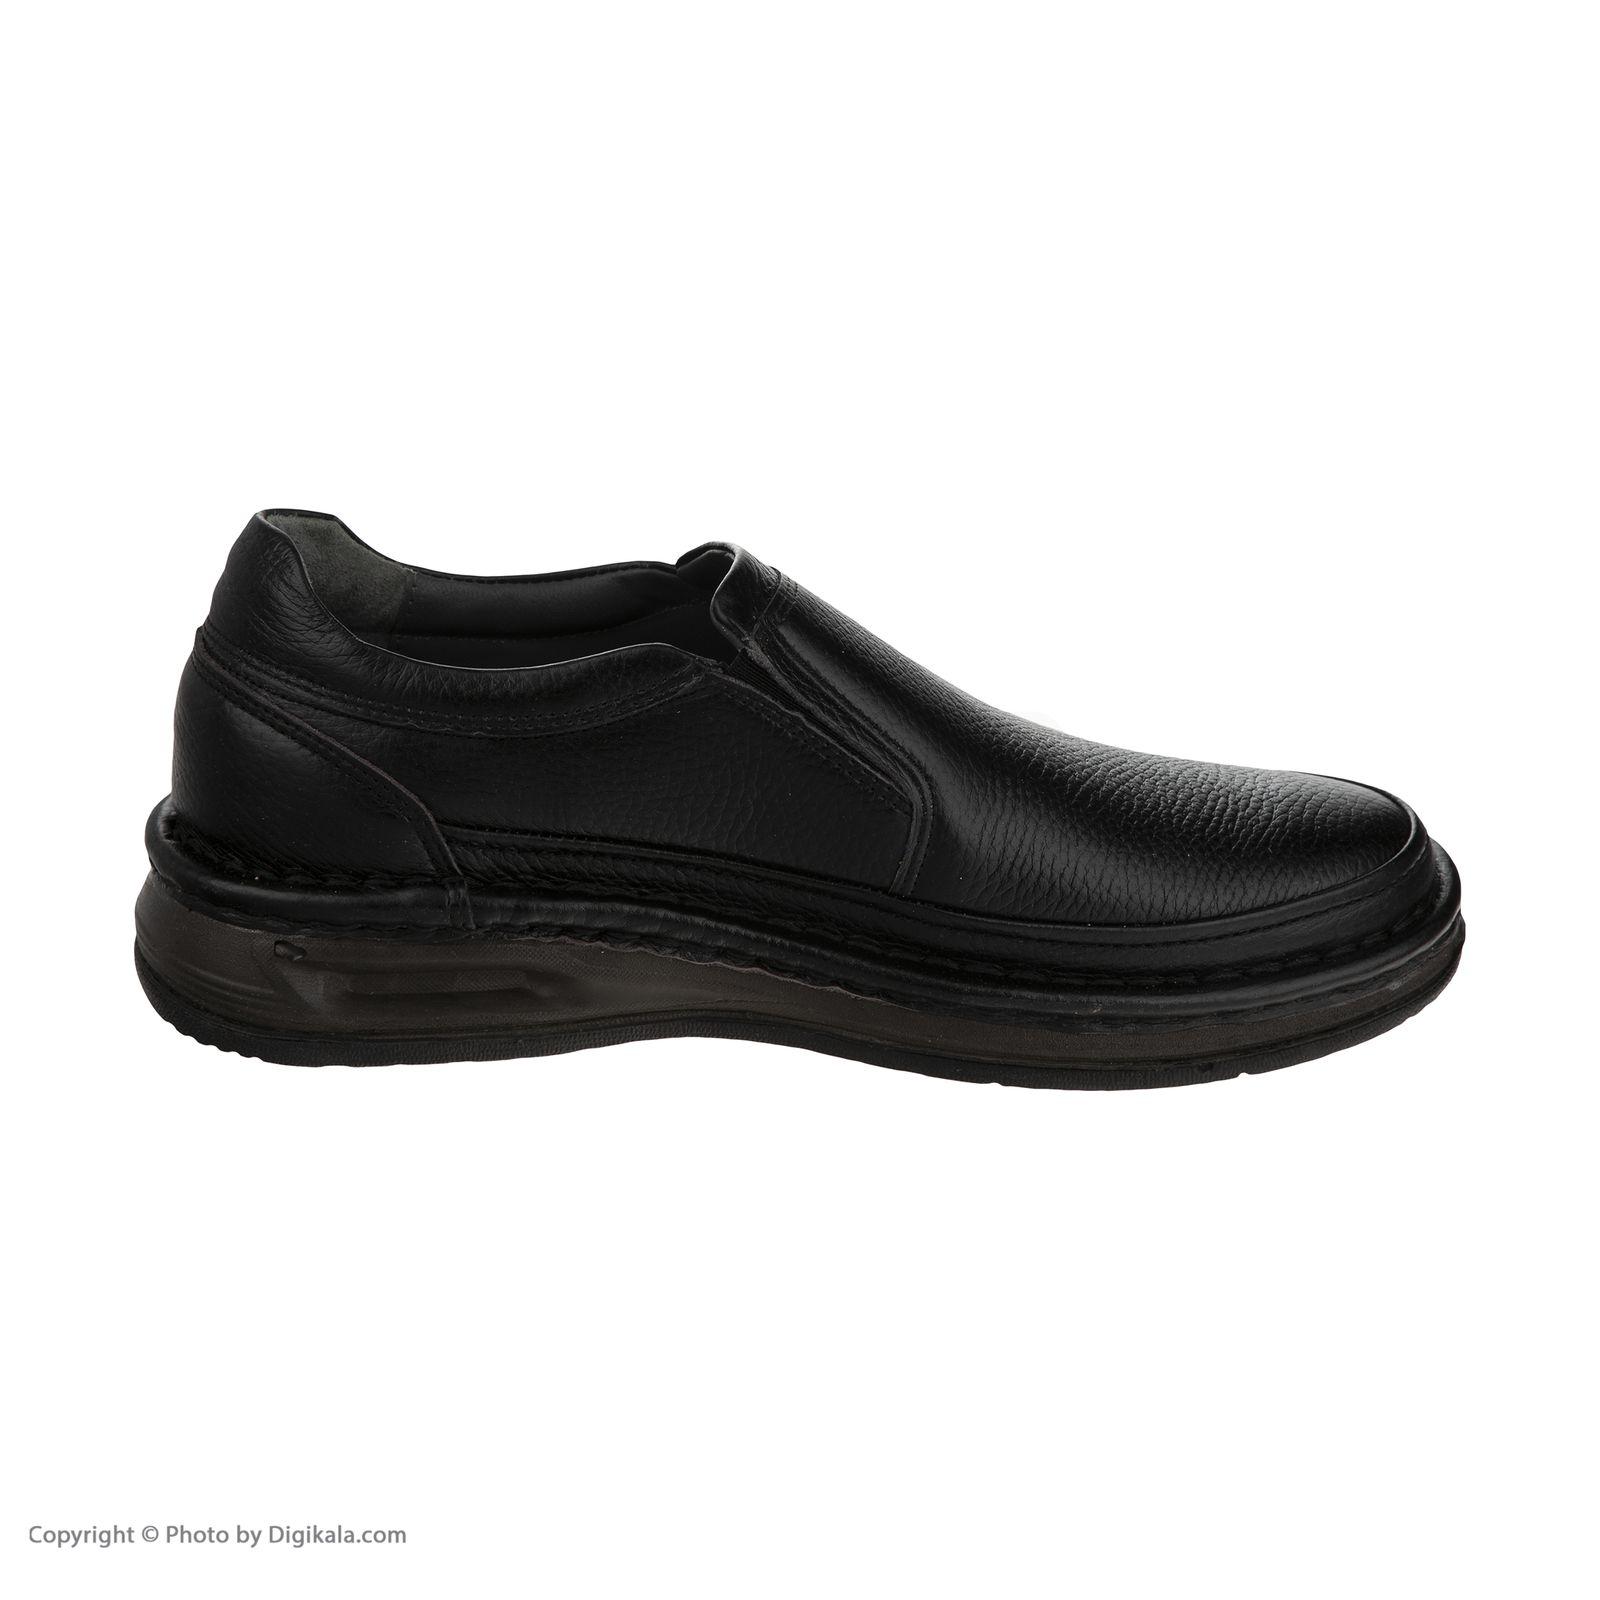 کفش روزمره مردانه بلوط مدل 7292A503101 -  - 6